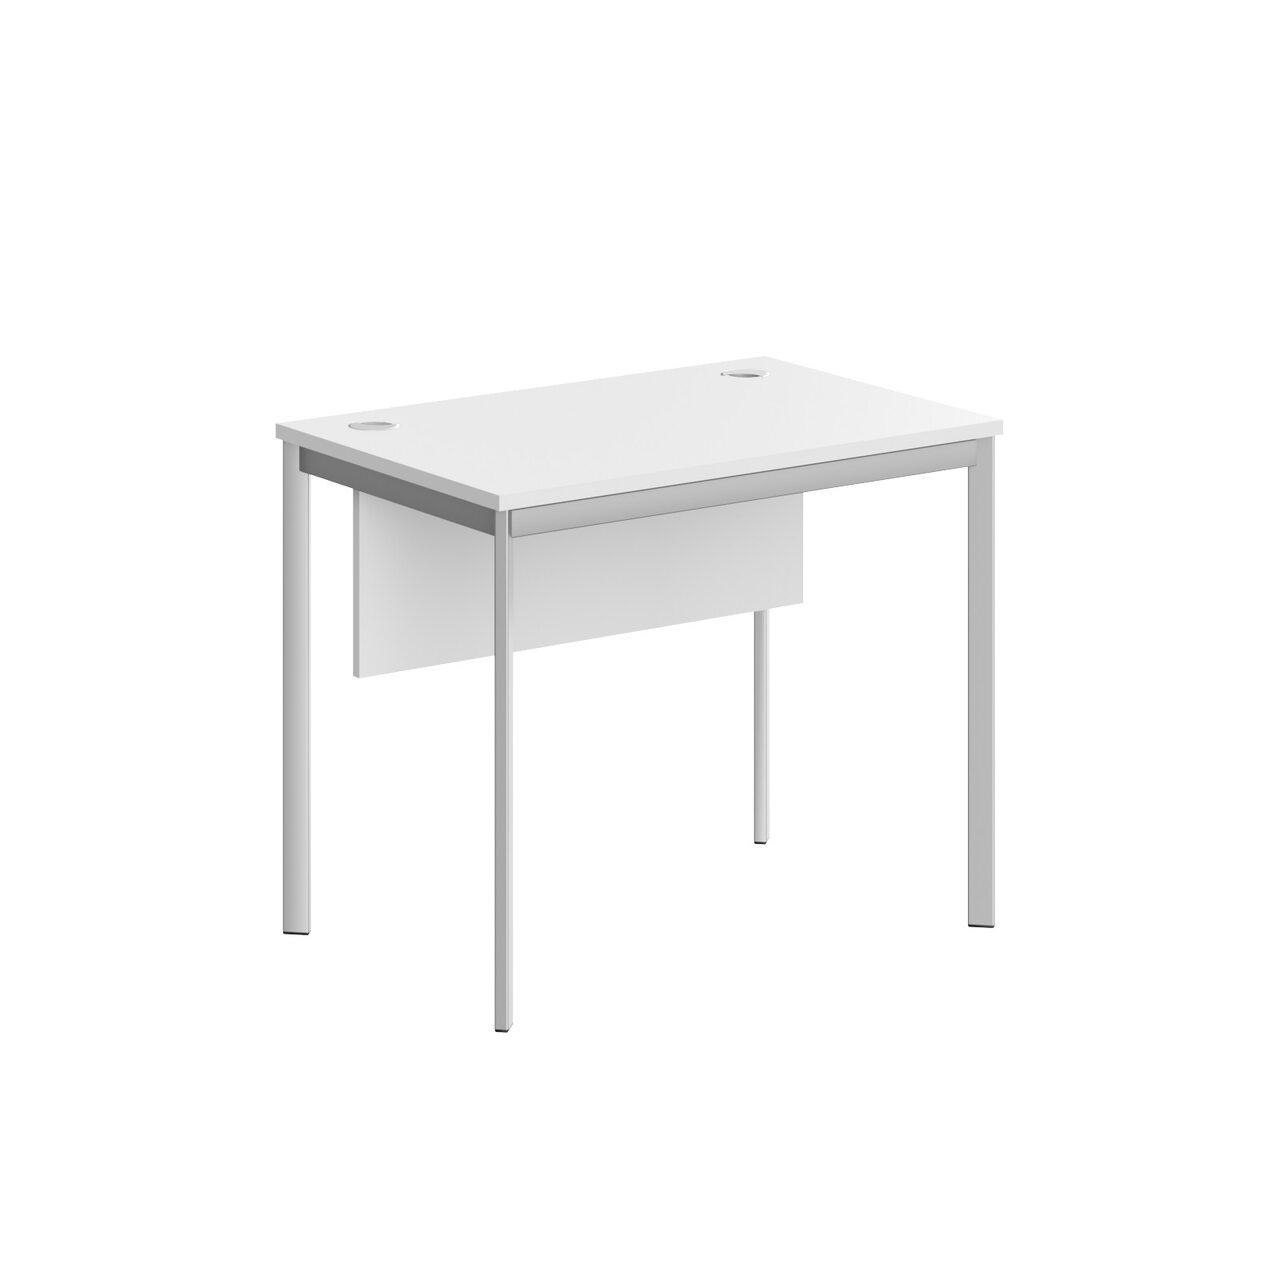 Стол прямой с фрональной панелью  IMAGO-S 90x60x76 - фото 2